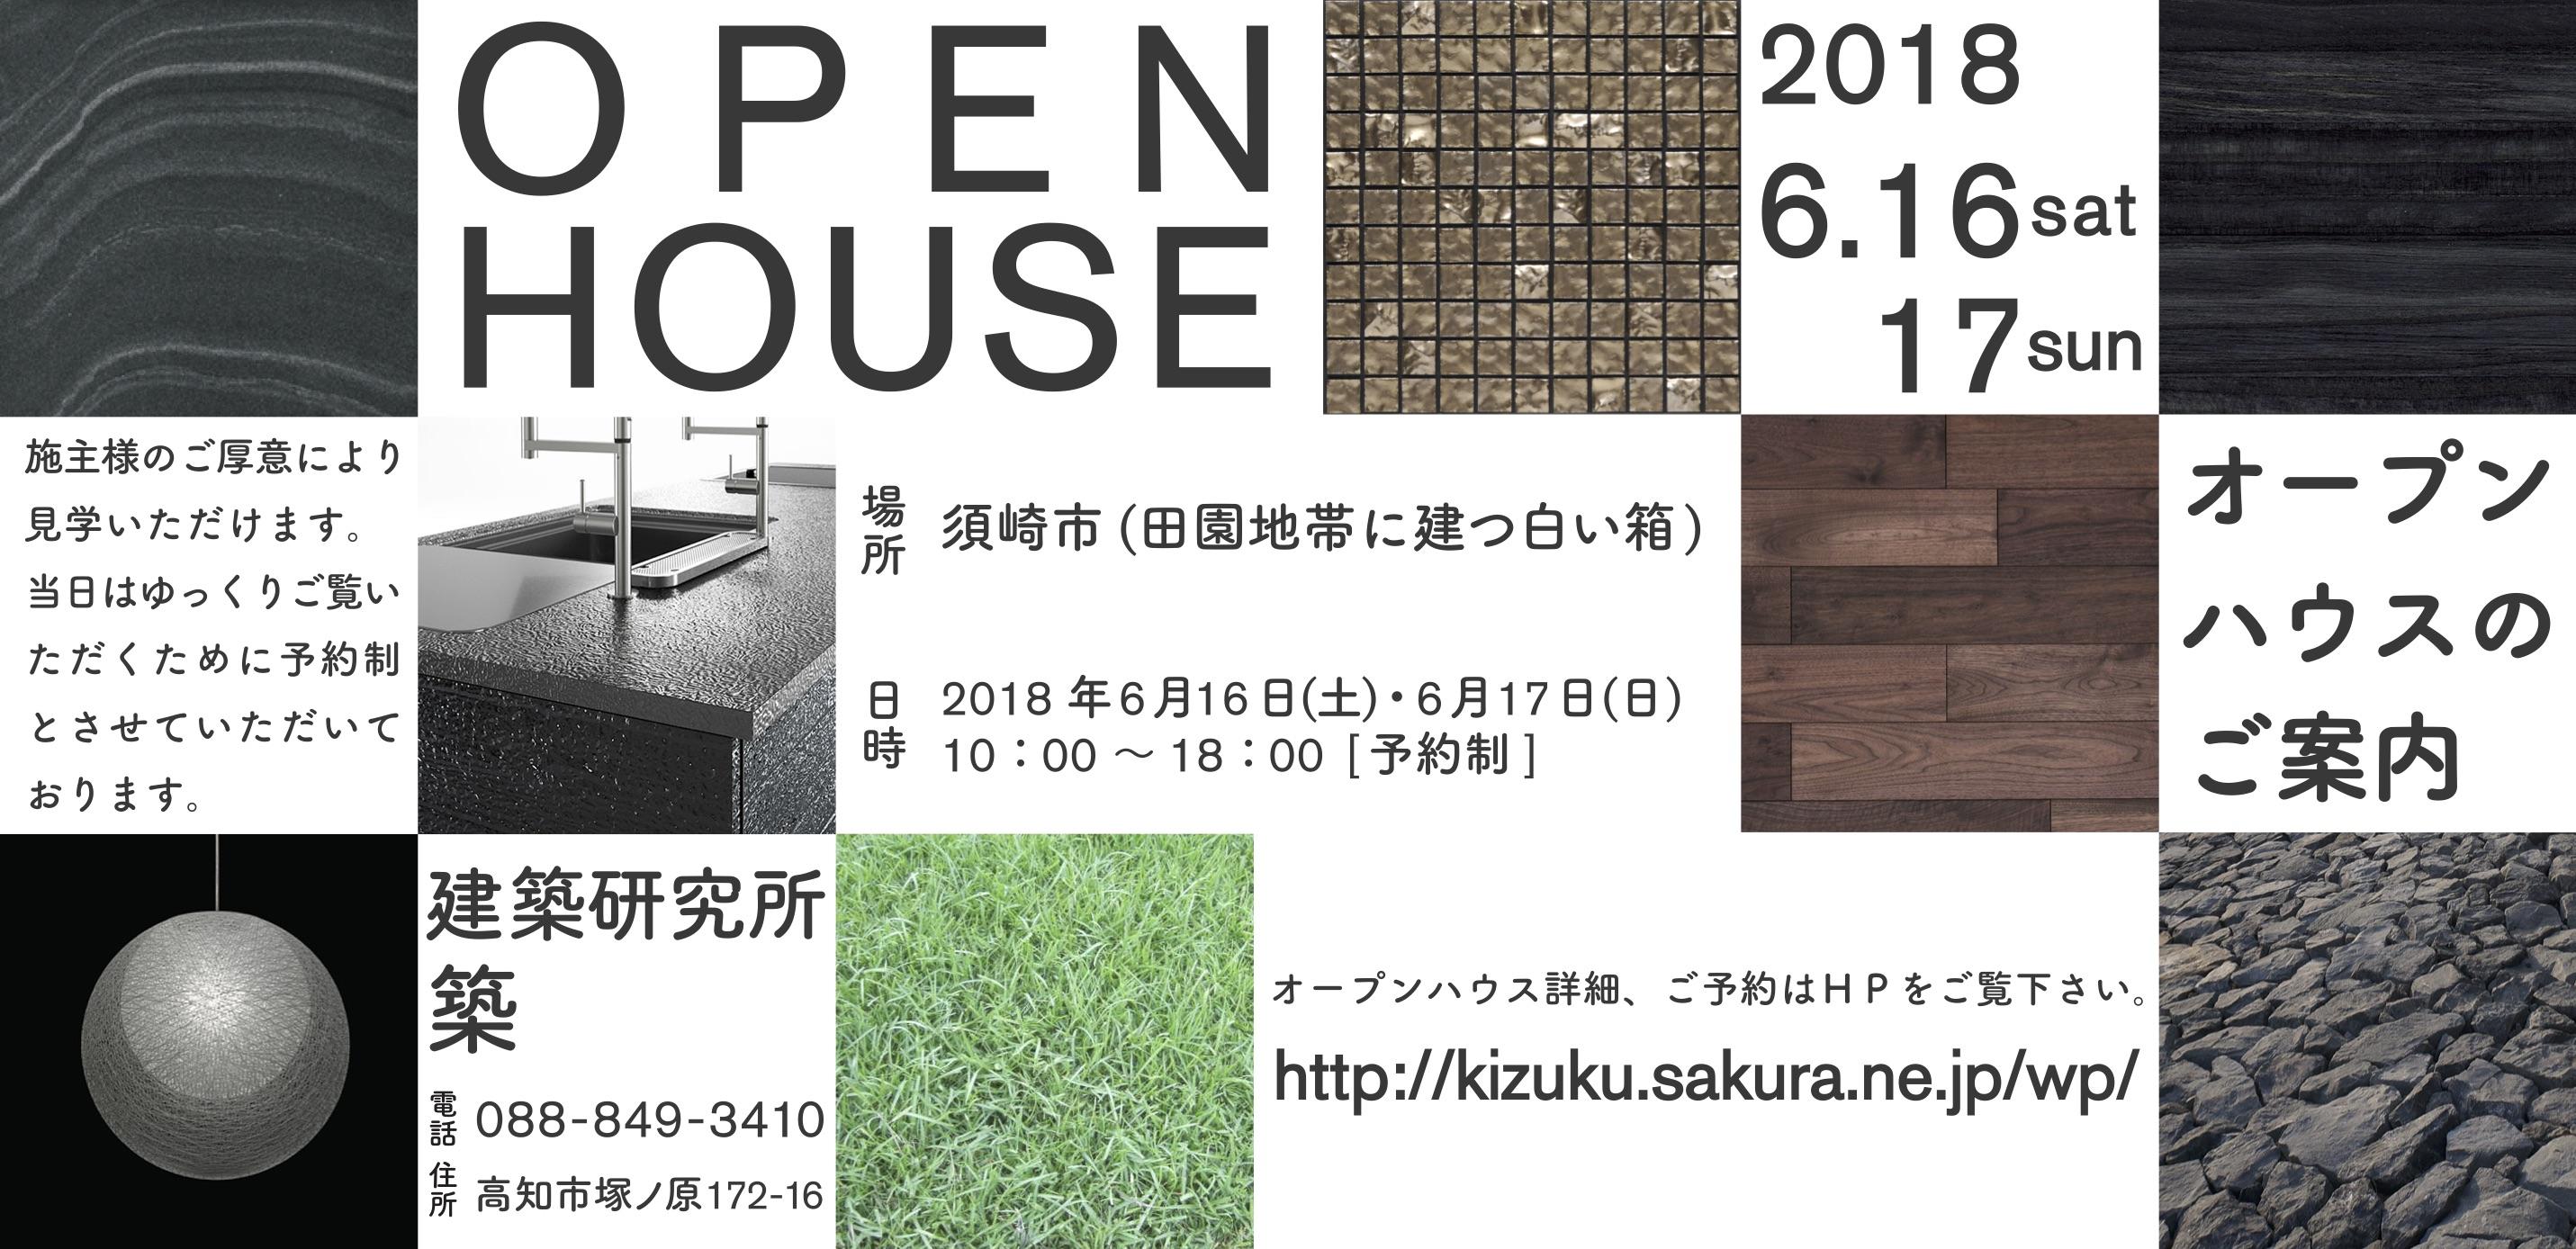 須崎openhouse広告アウトライン